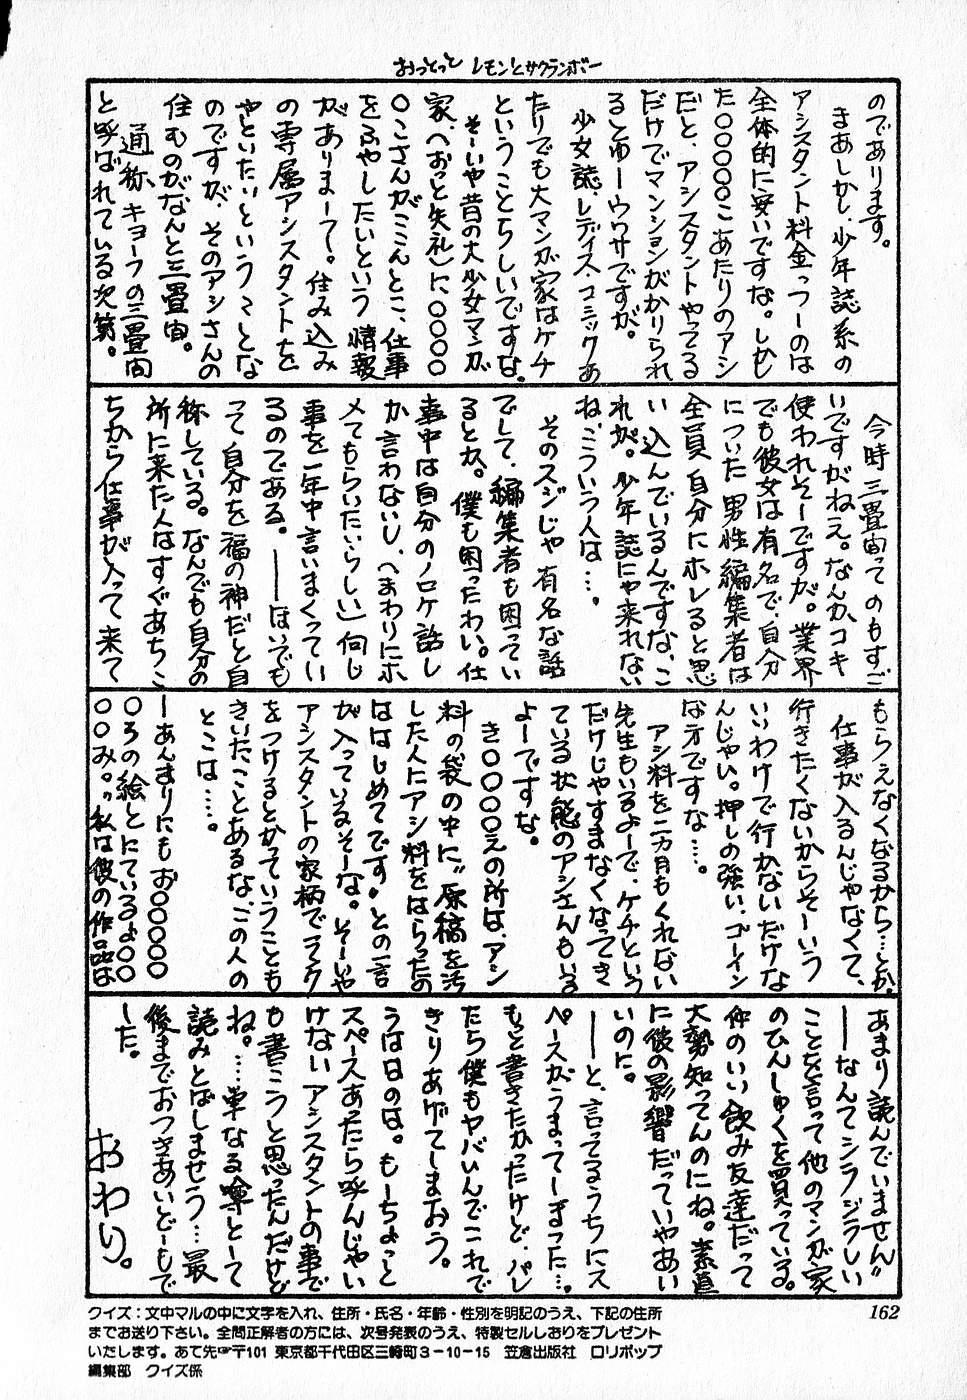 COMIC Lolipop 1985-10 Soukanjunbigou Aki 161